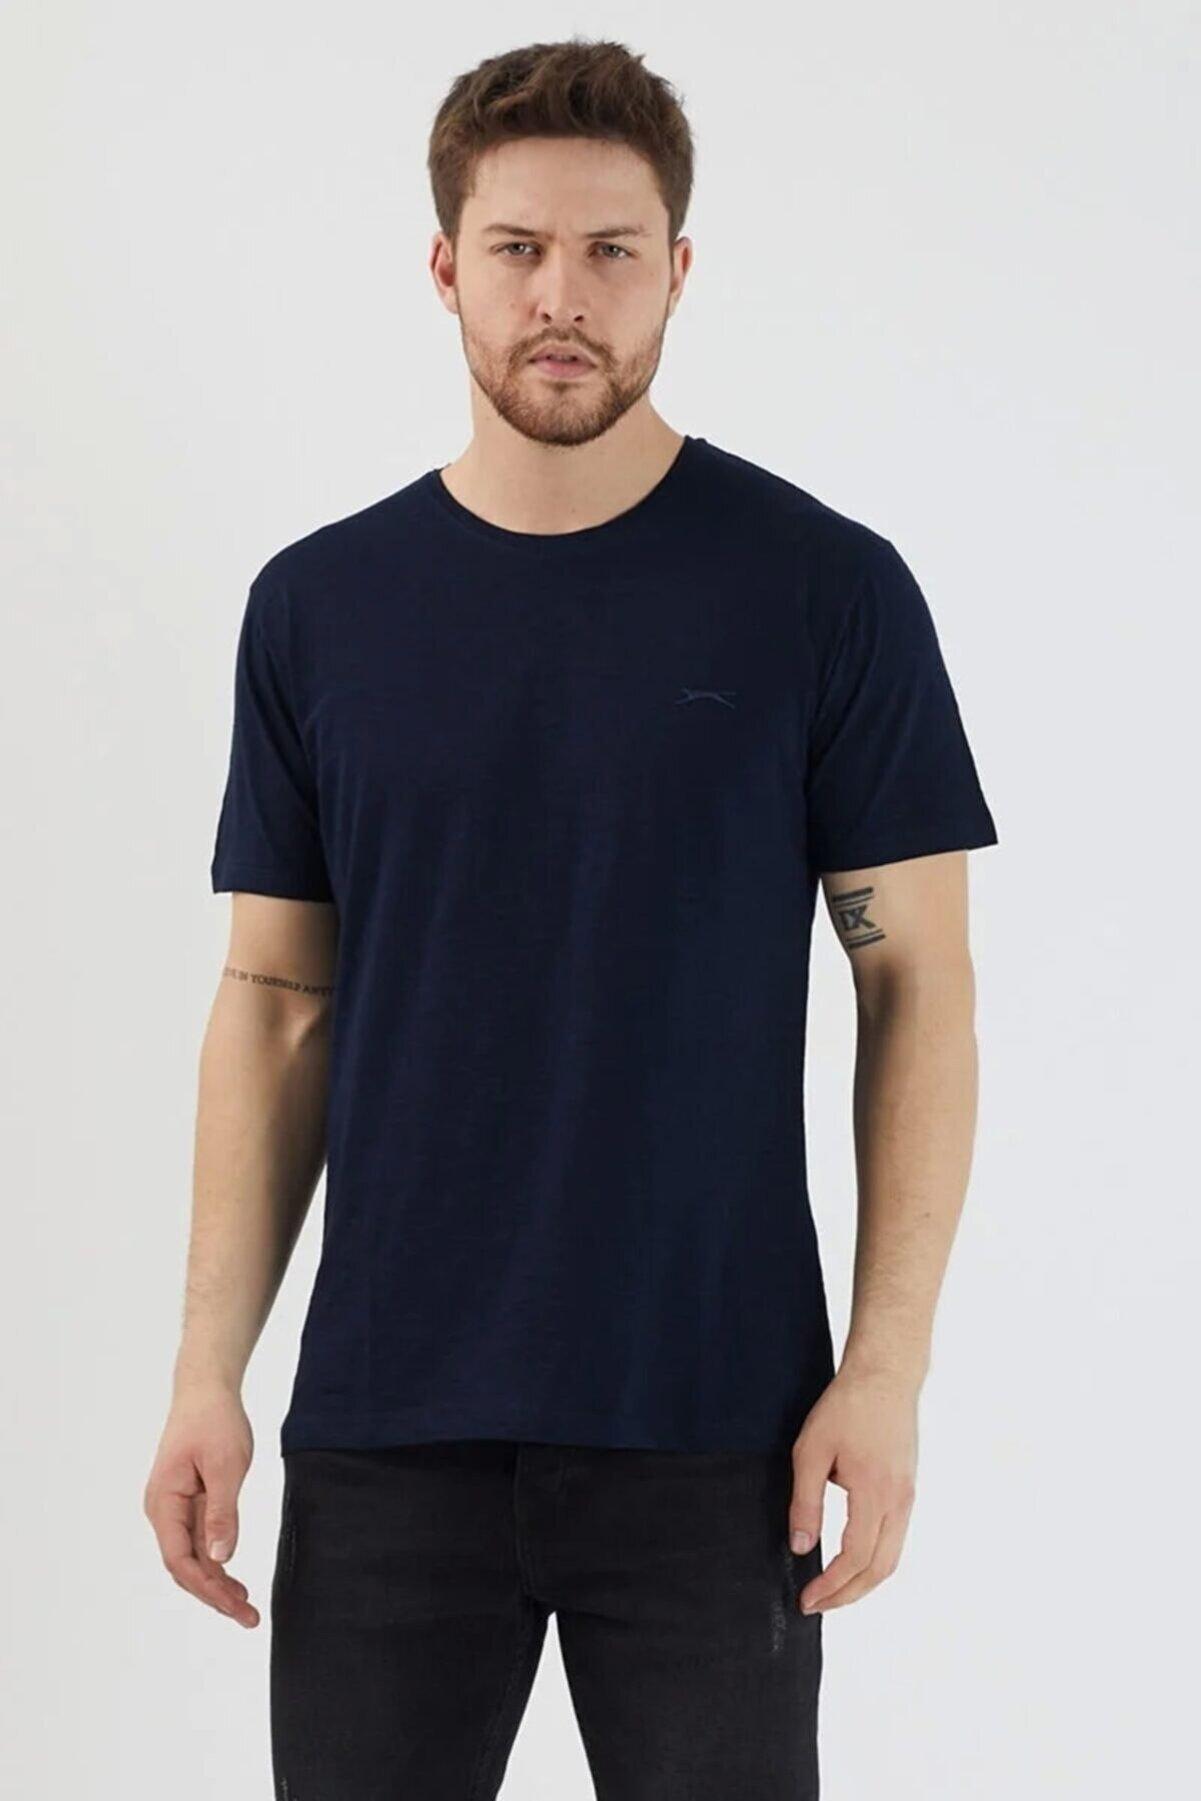 Slazenger Sander Erkek T-shirt Lacivert St11te083